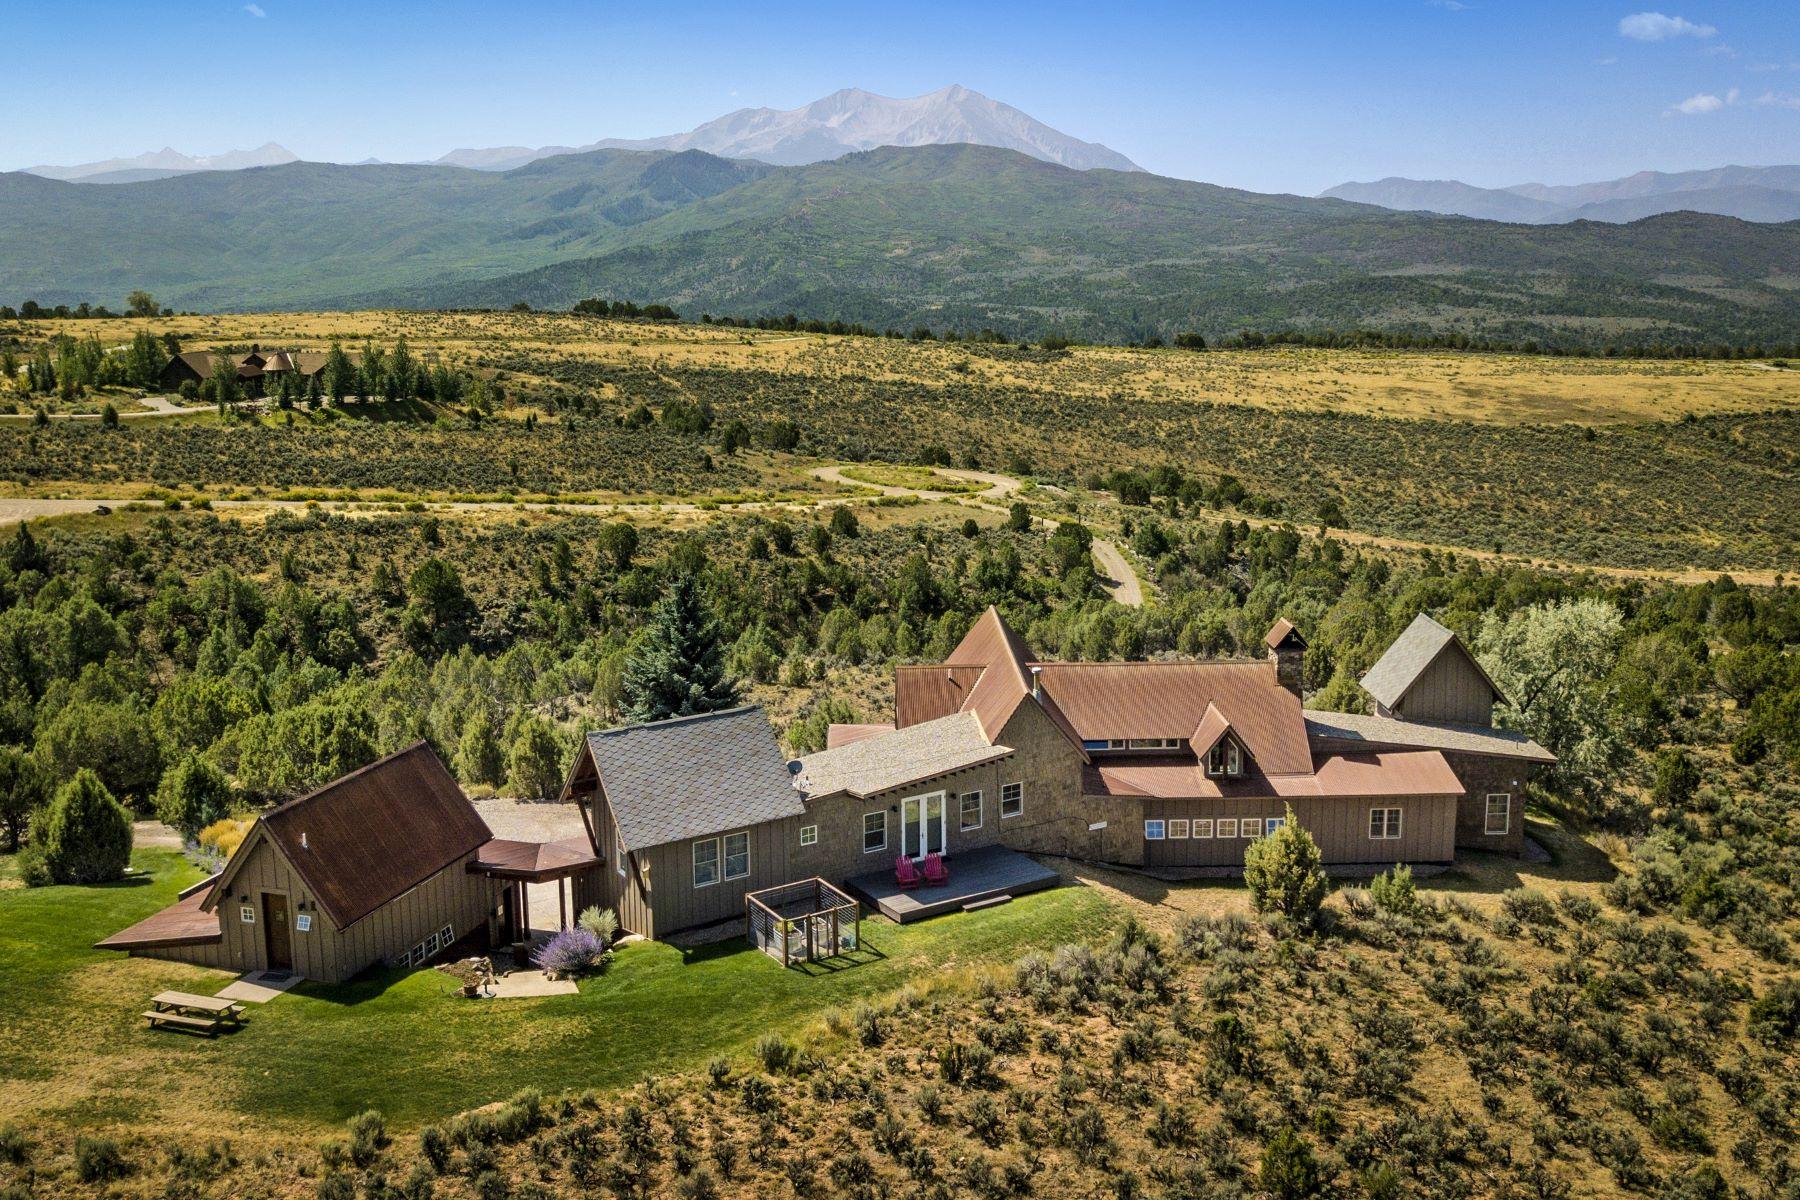 Casa Unifamiliar por un Venta en 31wind RIver Road 31 Wind River Road Carbondale, Colorado 81623 Estados Unidos